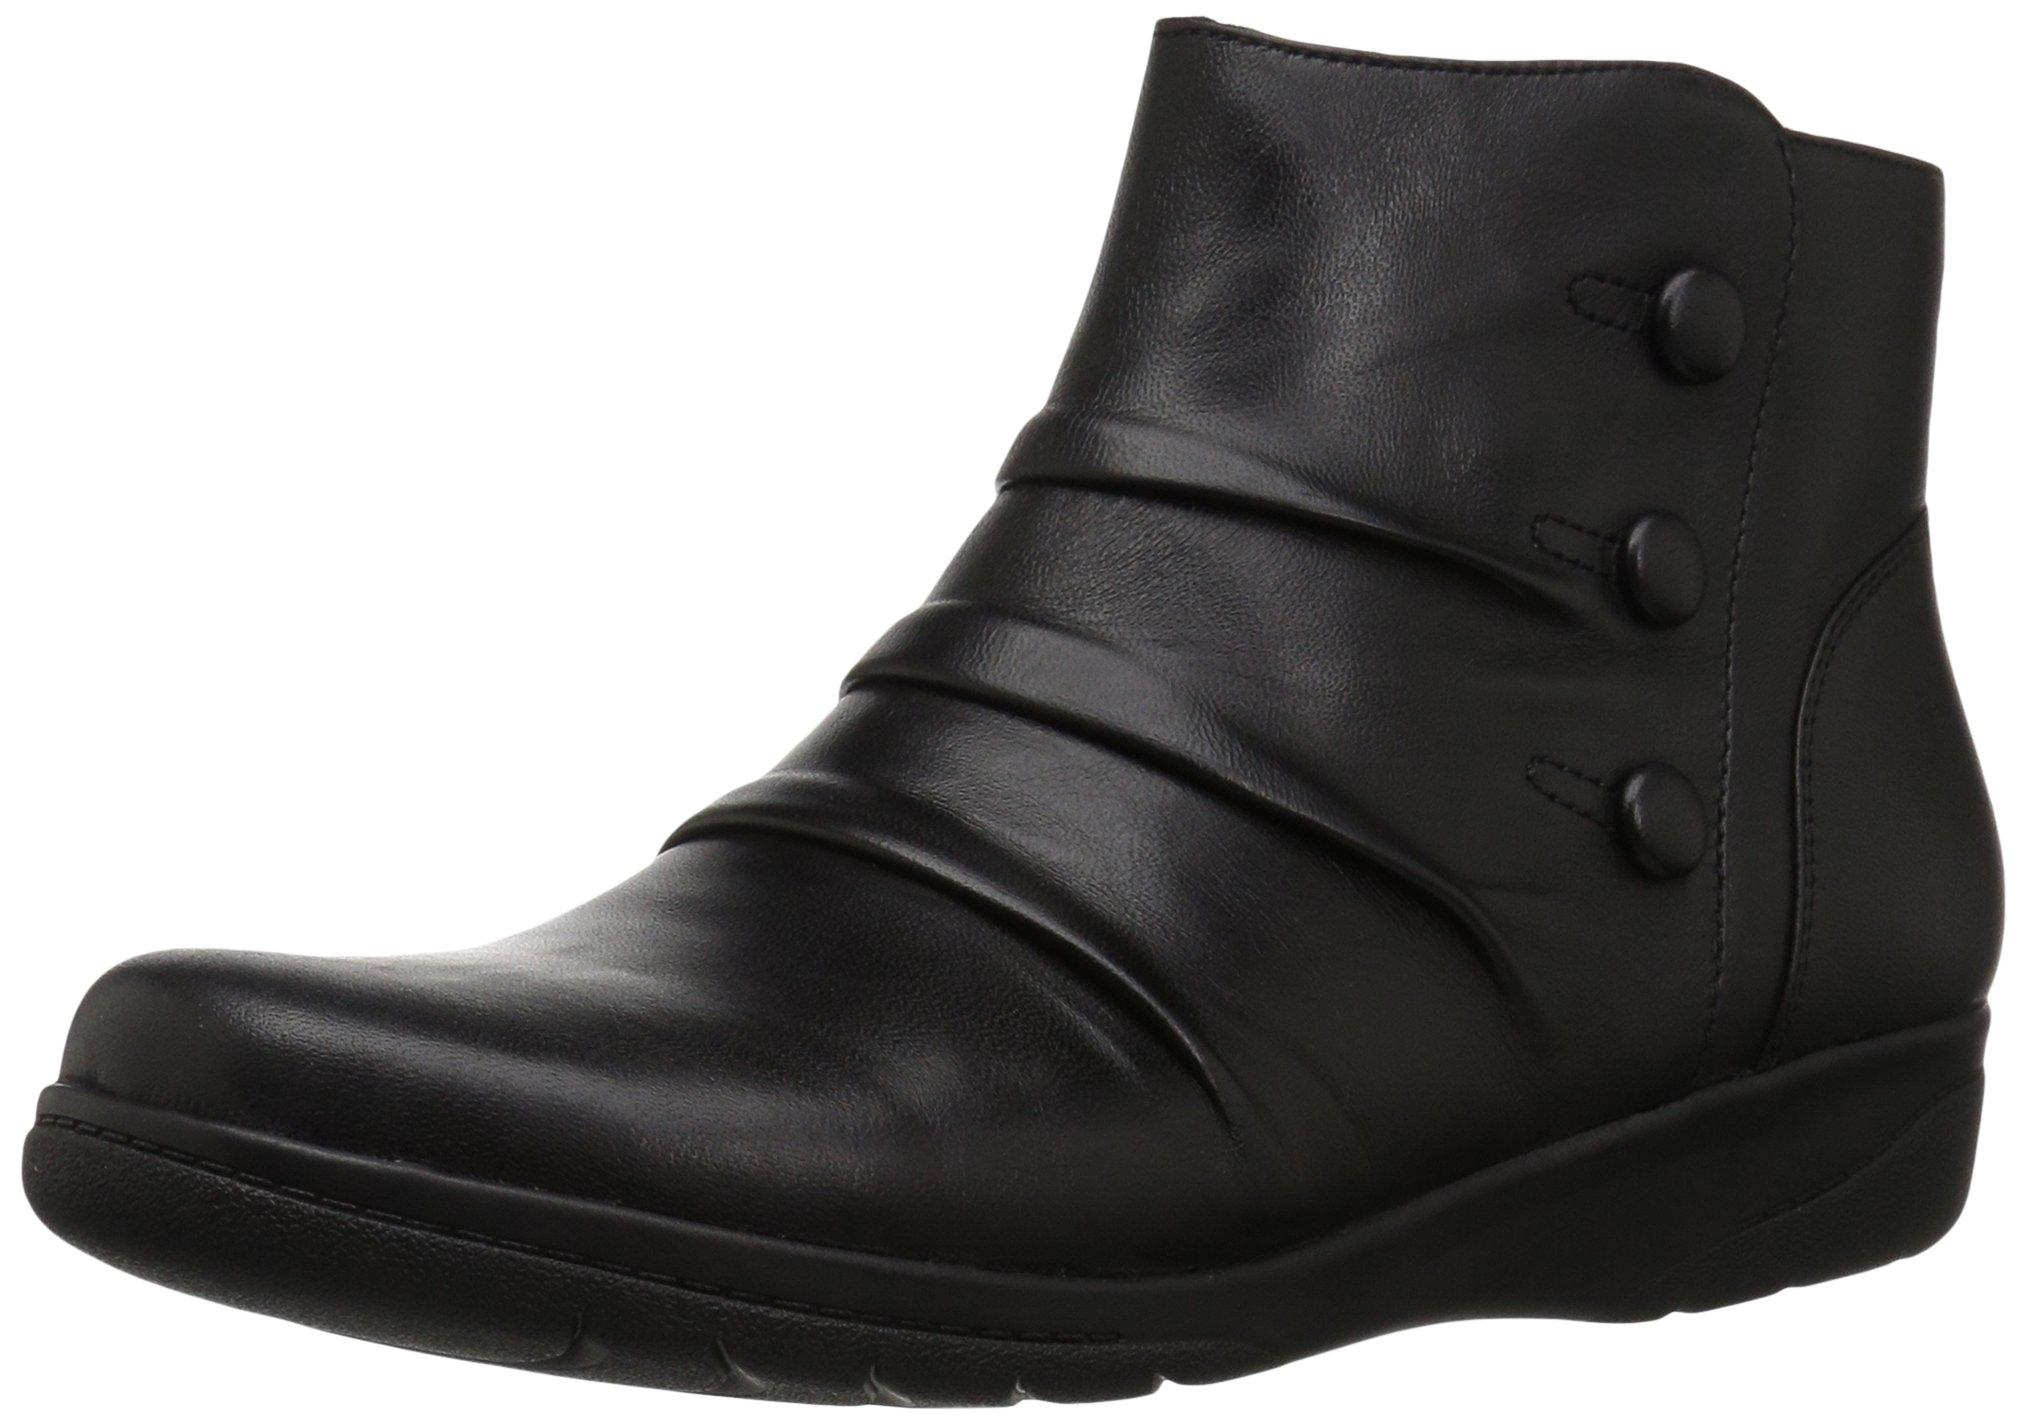 CLARKS Women's Cheyn Anne Boot, Black, 9.5 M US